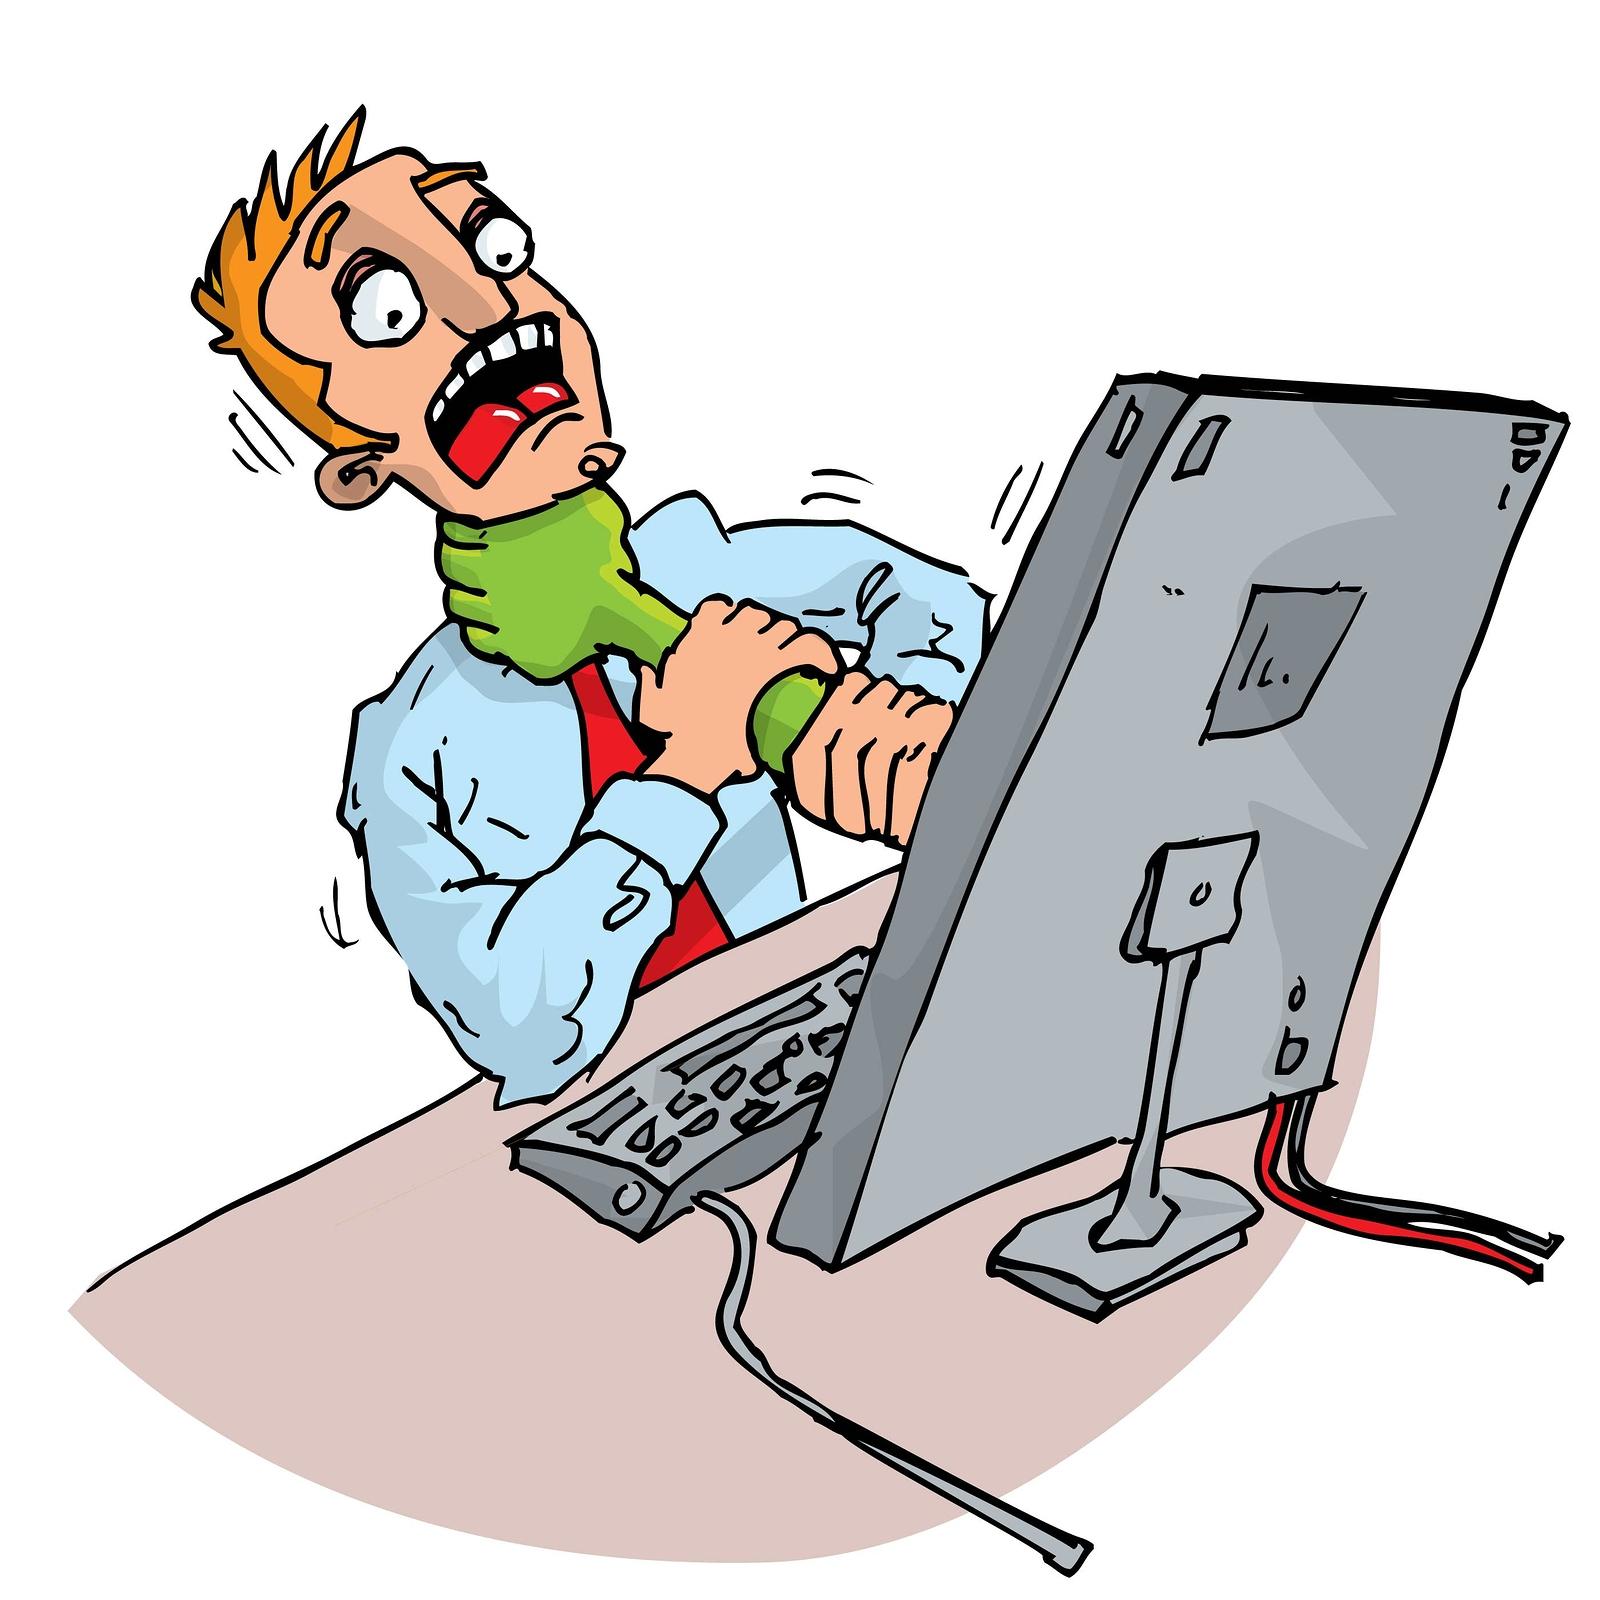 Картинки про компьютер и интернет для детей